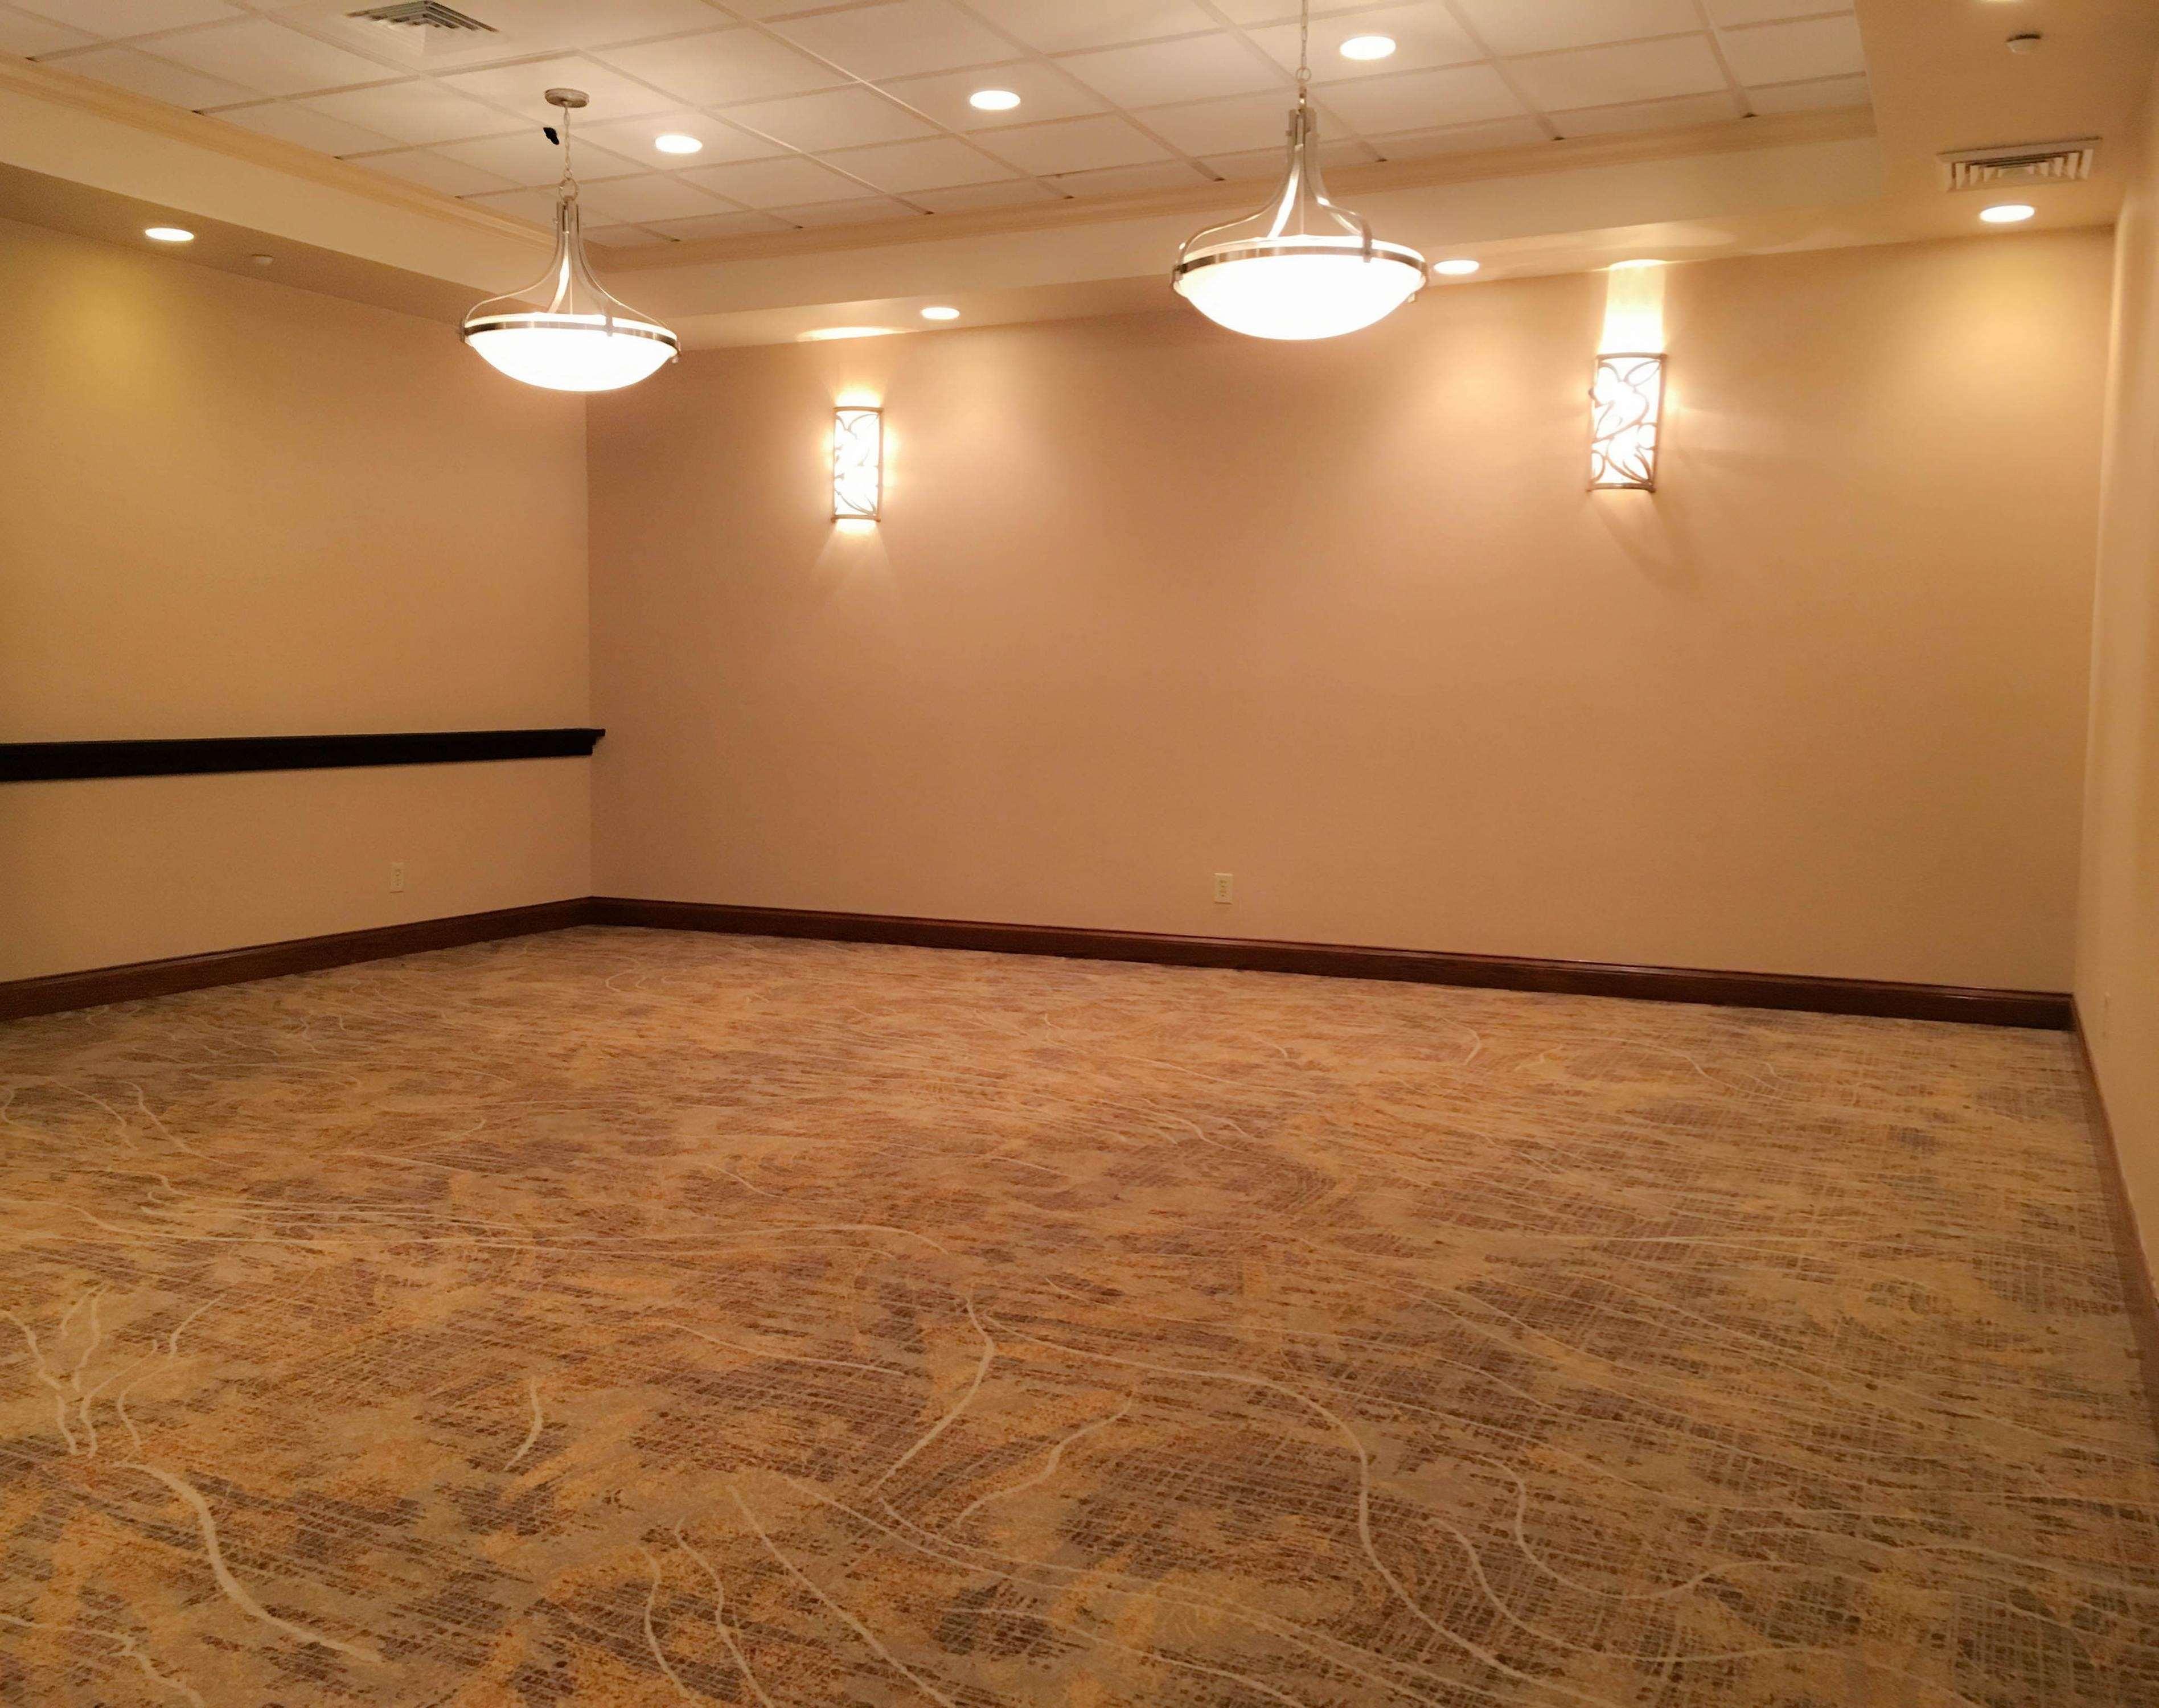 University Room Meeting Space